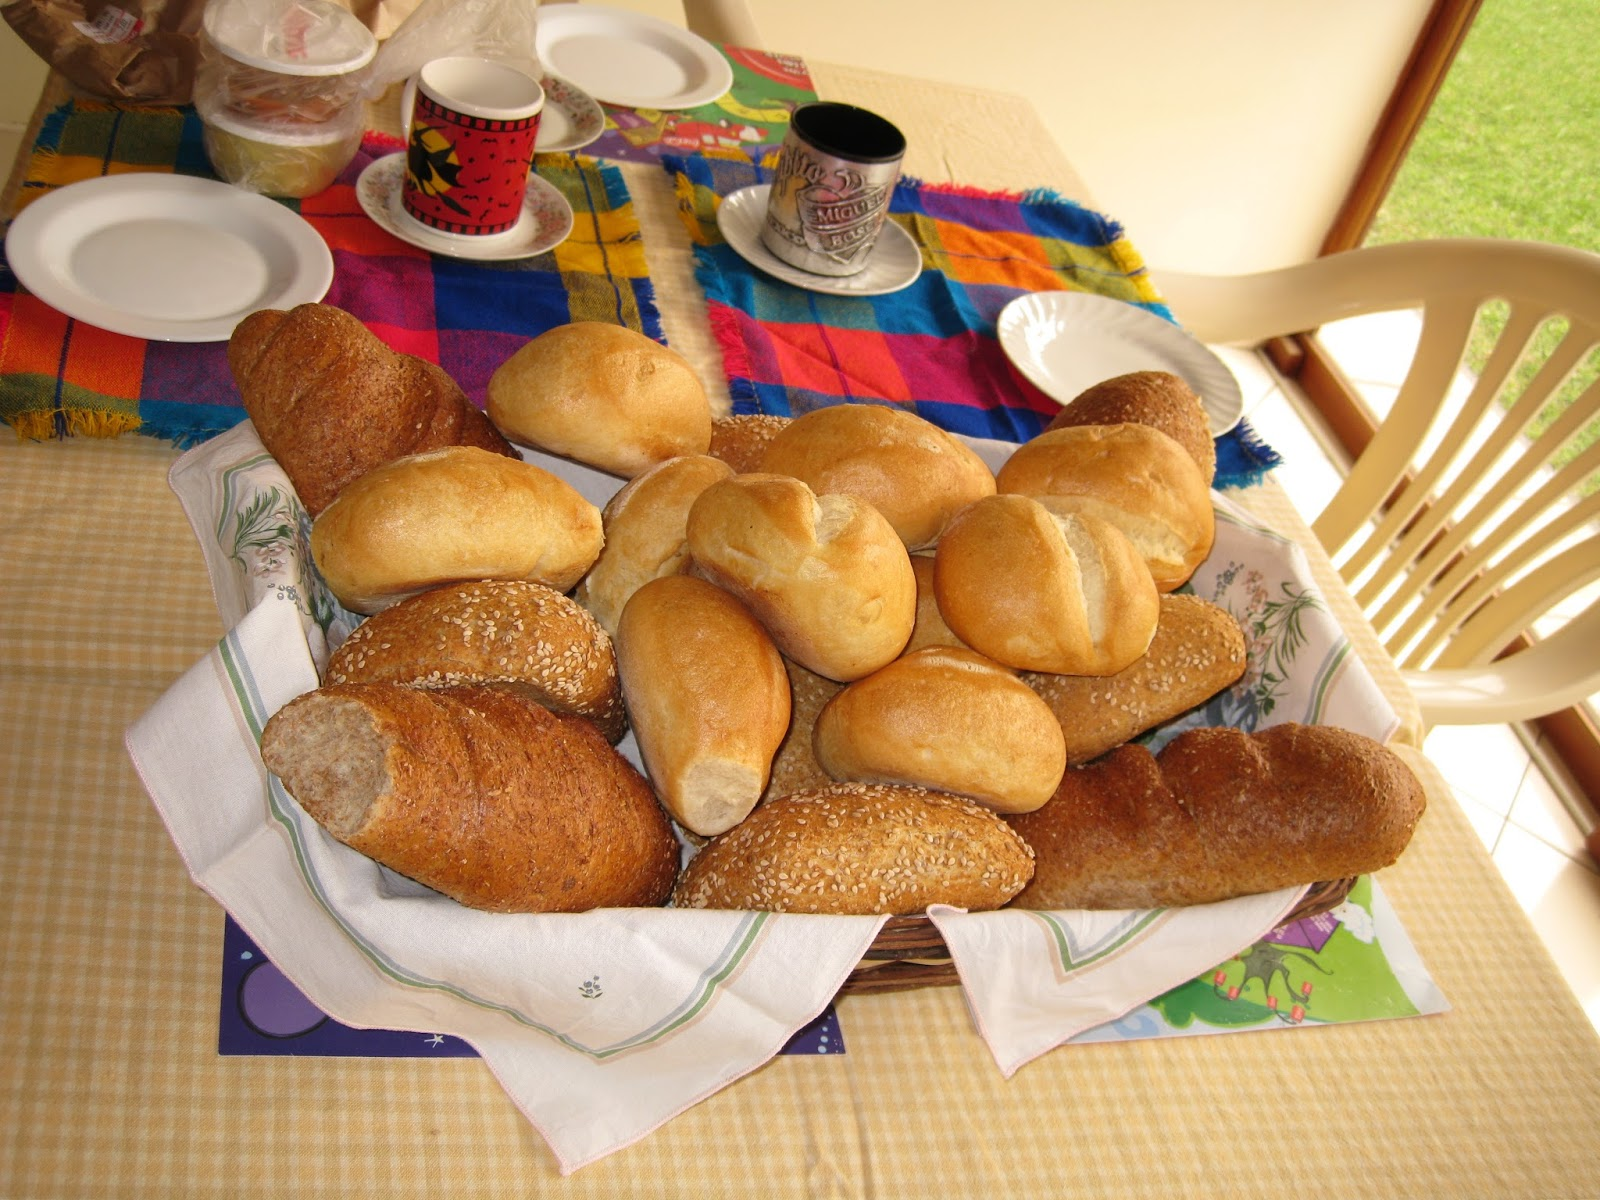 El maiz es carbohidrato simple o complejo